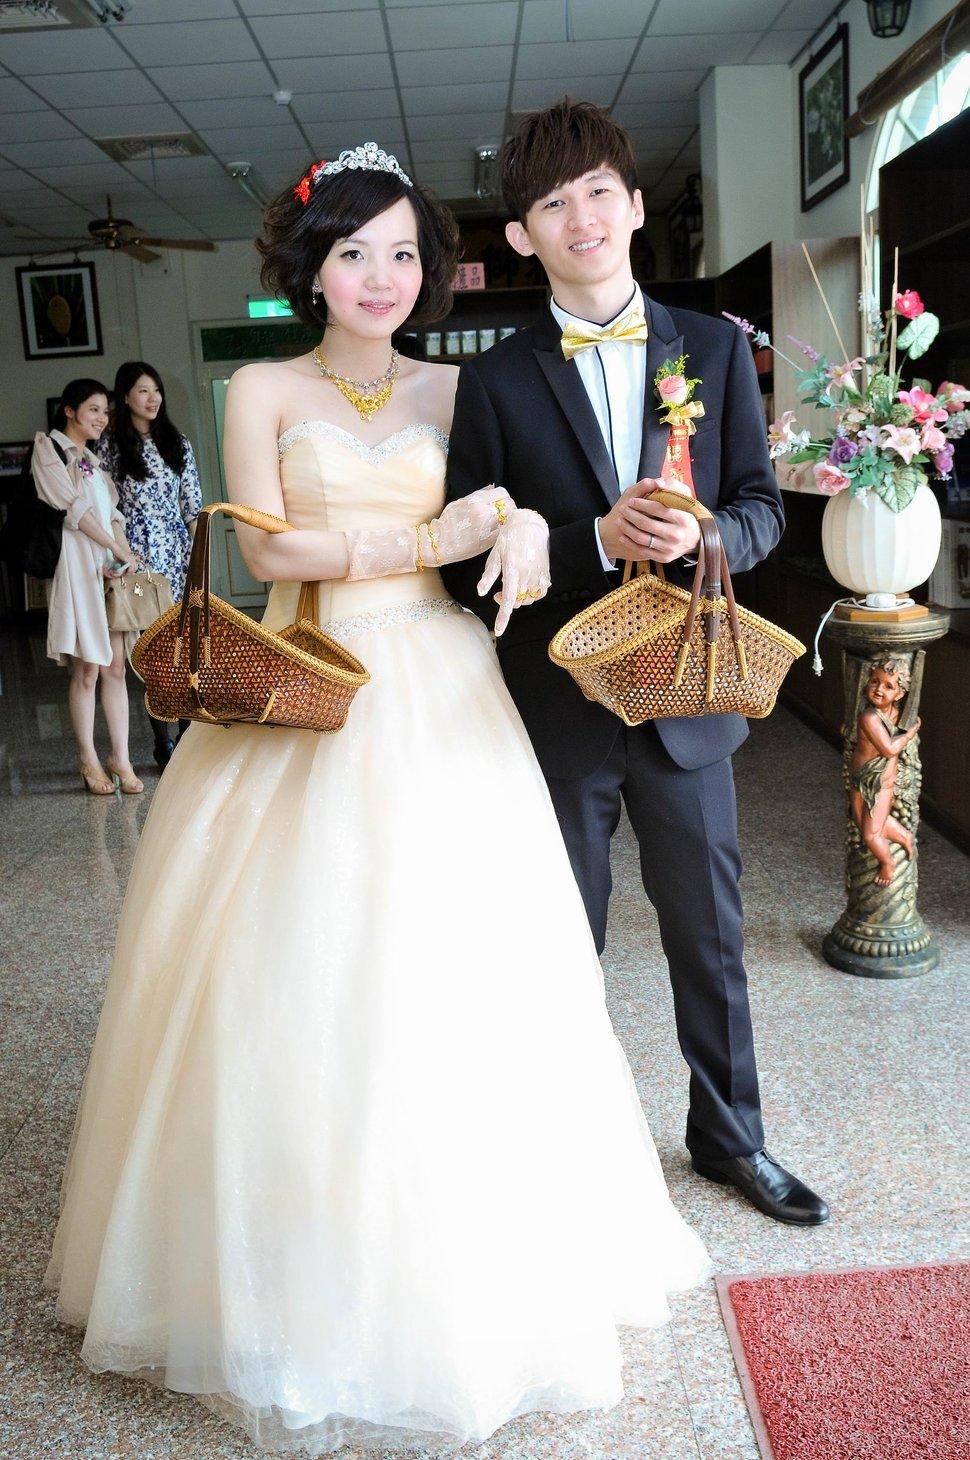 台中天野養生餐廳婚禮記錄婚禮記錄動態微電影錄影專業錄影平面攝影(編號:196504) - 蜜月拍照10800錄影12800攝影團隊 - 結婚吧